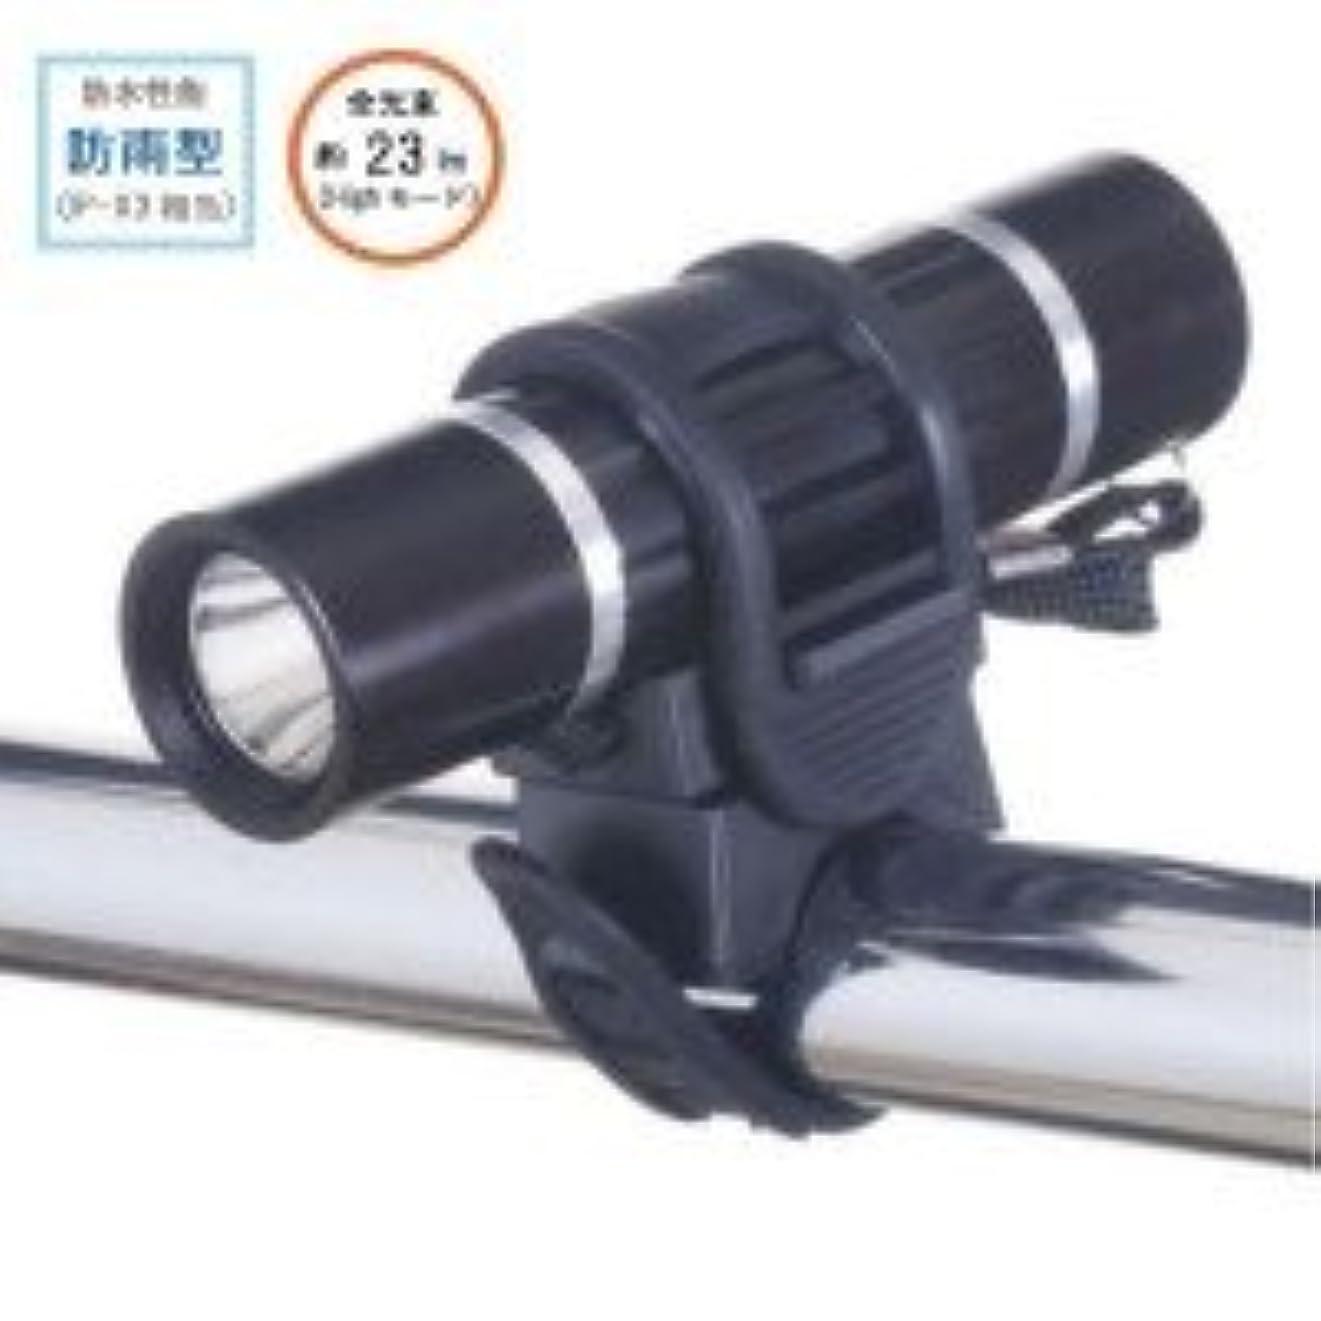 利益手錠ビザアルミバイクライト(防雨型?23lm) LB104BK